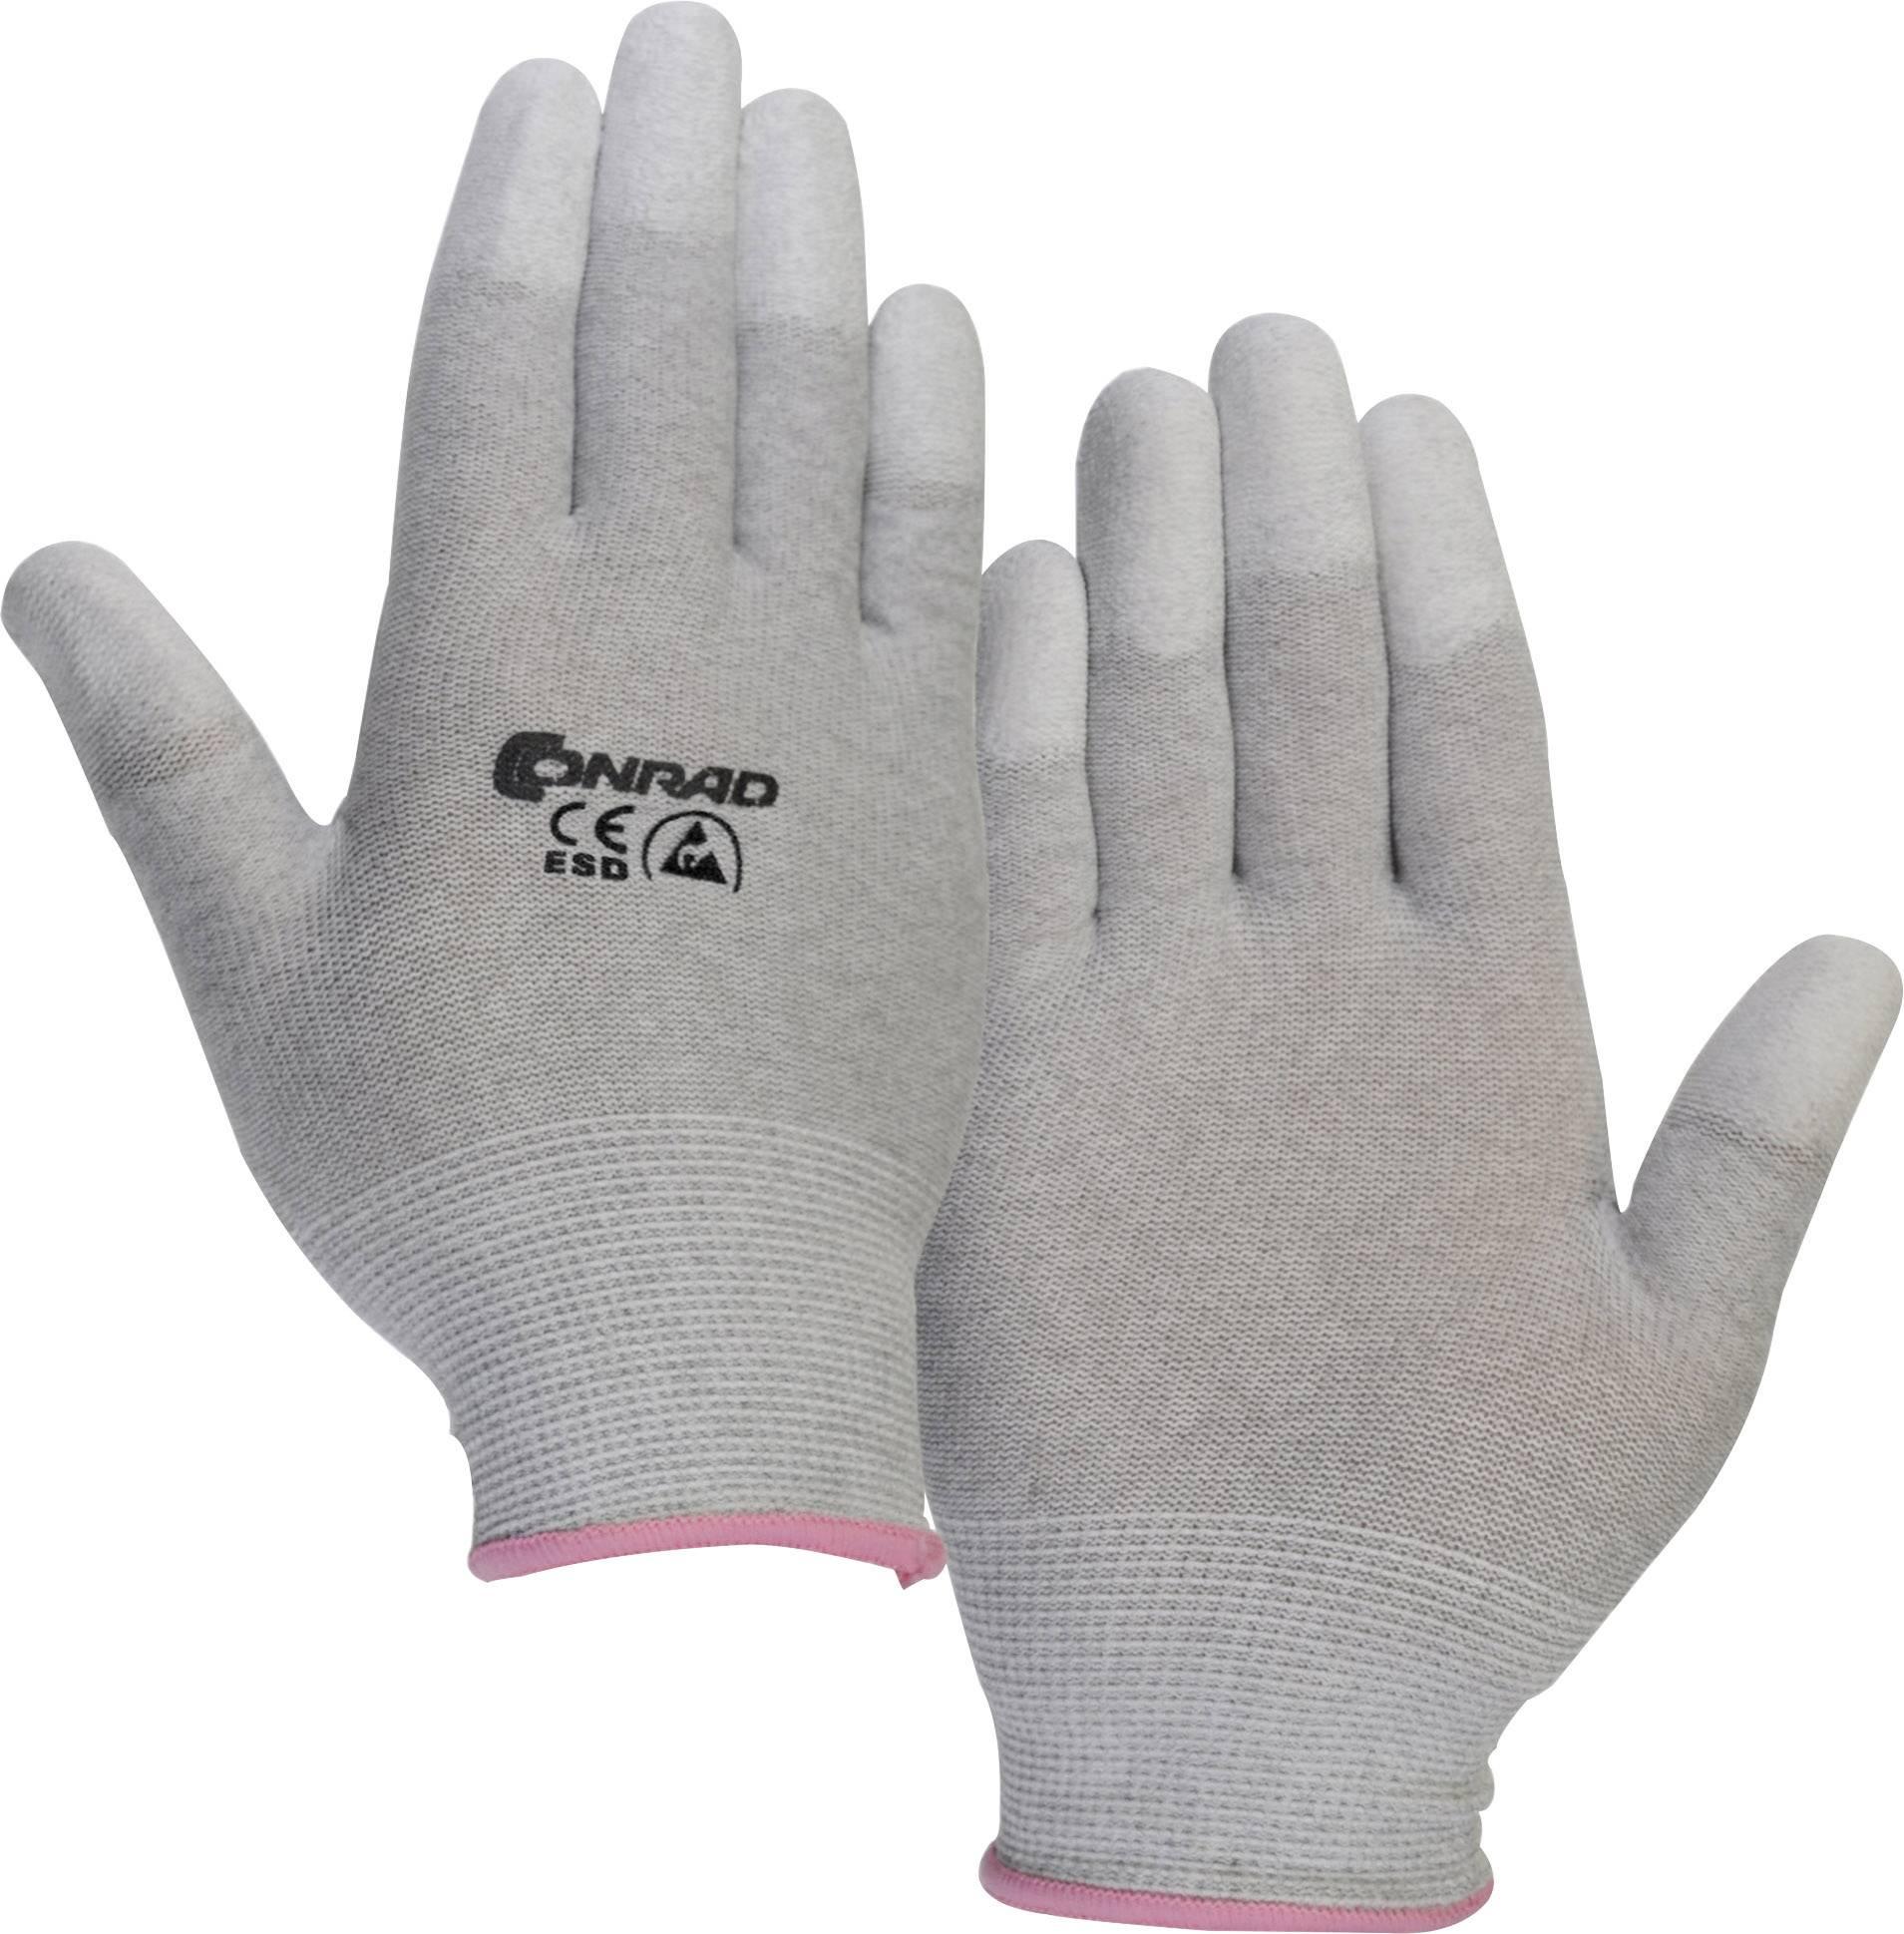 ESD rukavice Conrad Components EPAHA-RL-XS, veľ. XS, polyamid